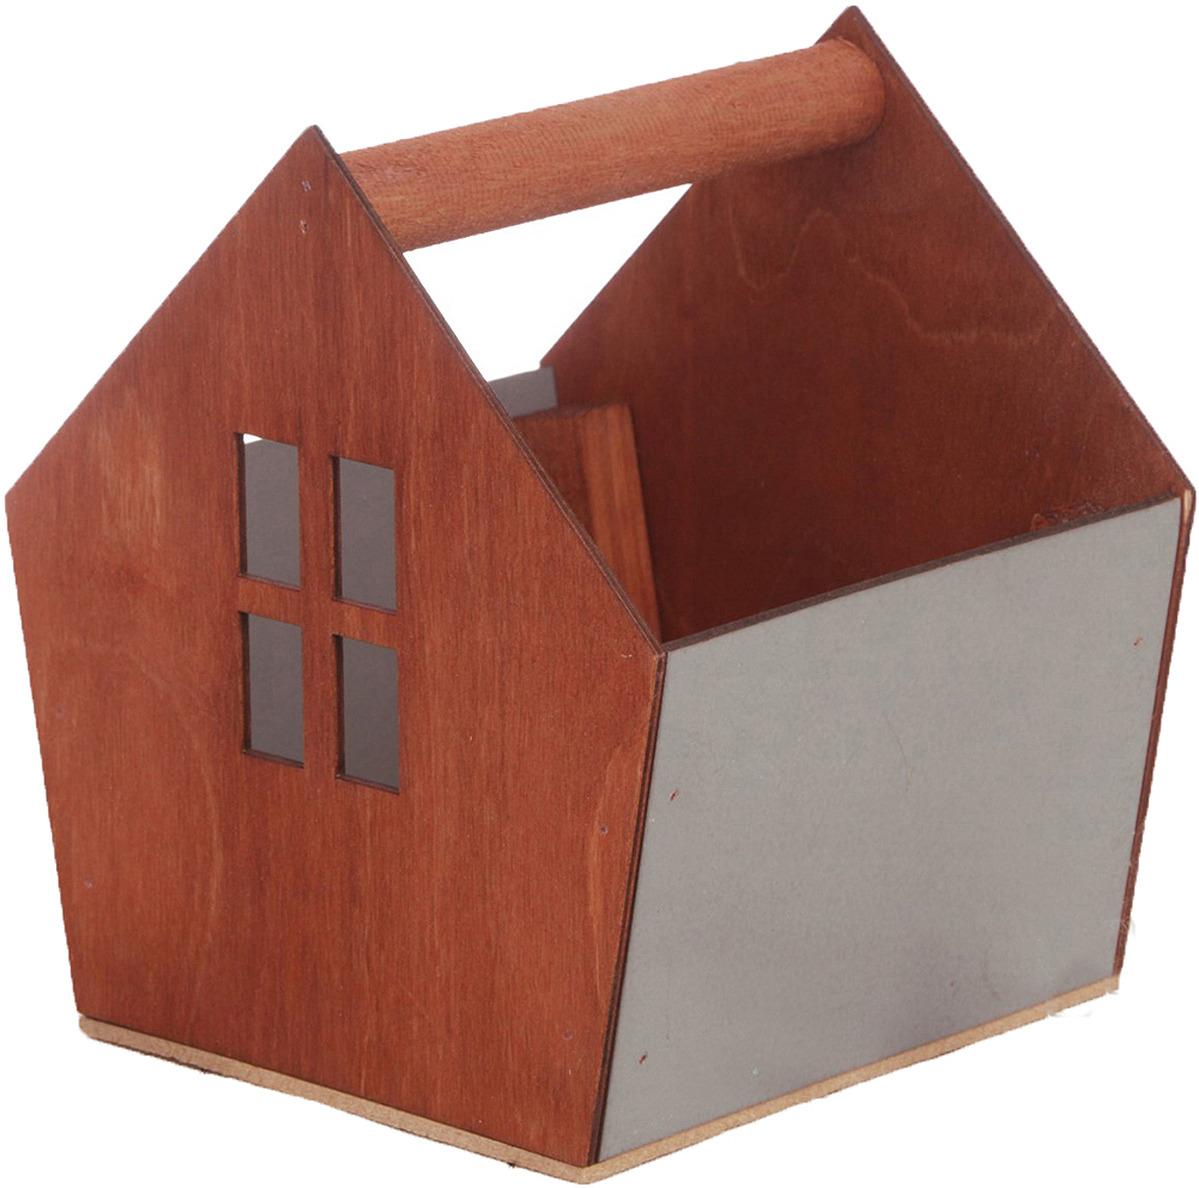 Кашпо садовое Дарите Счастье Ящик-скворечник, 3334619, серый, коричневый, 15 х 16,5 х 18,5 см